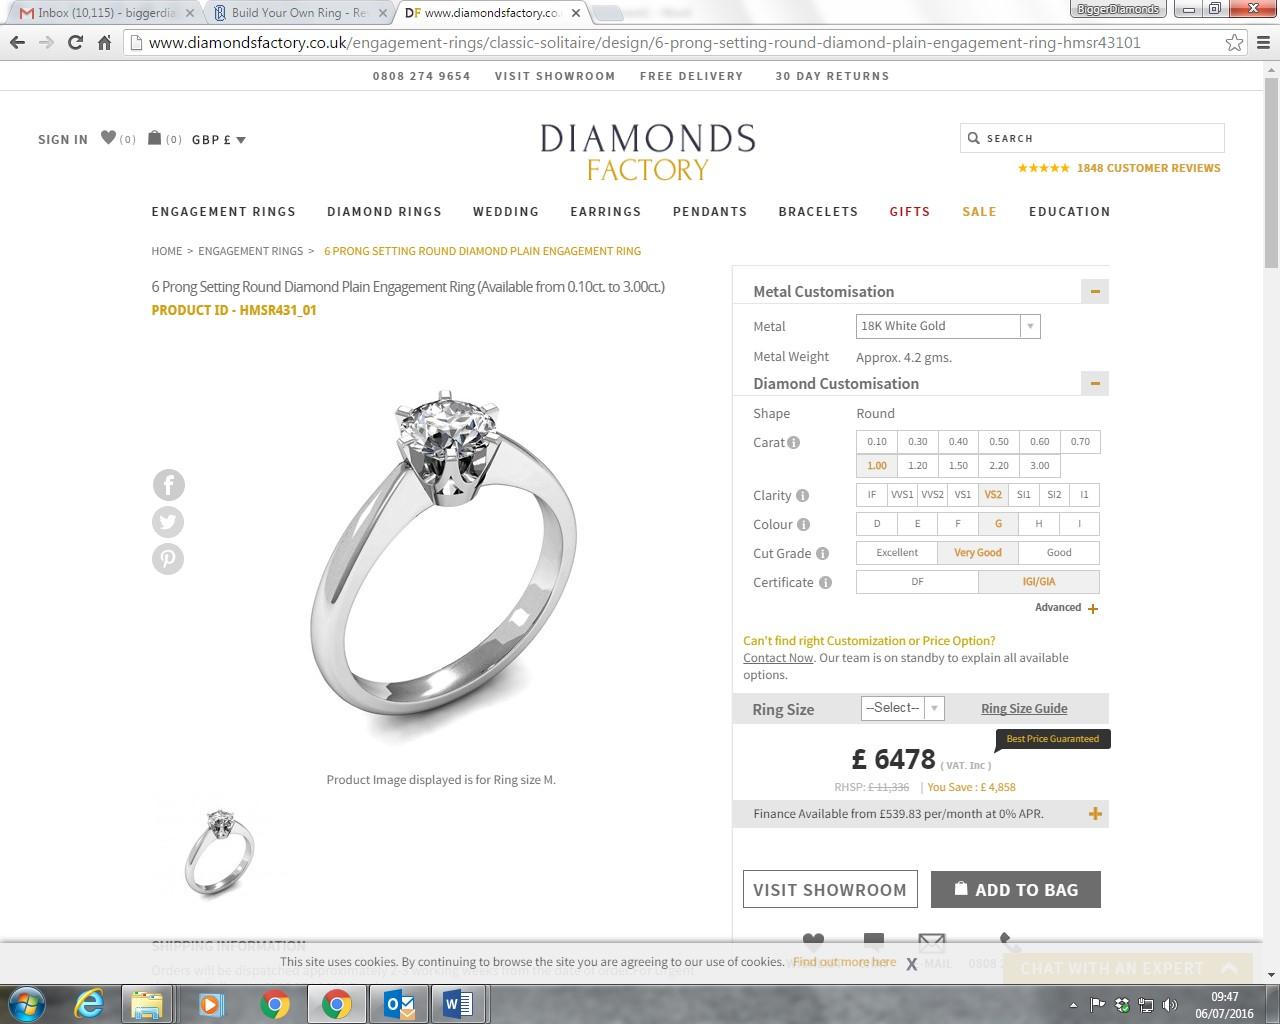 Diamondsfactory £642800